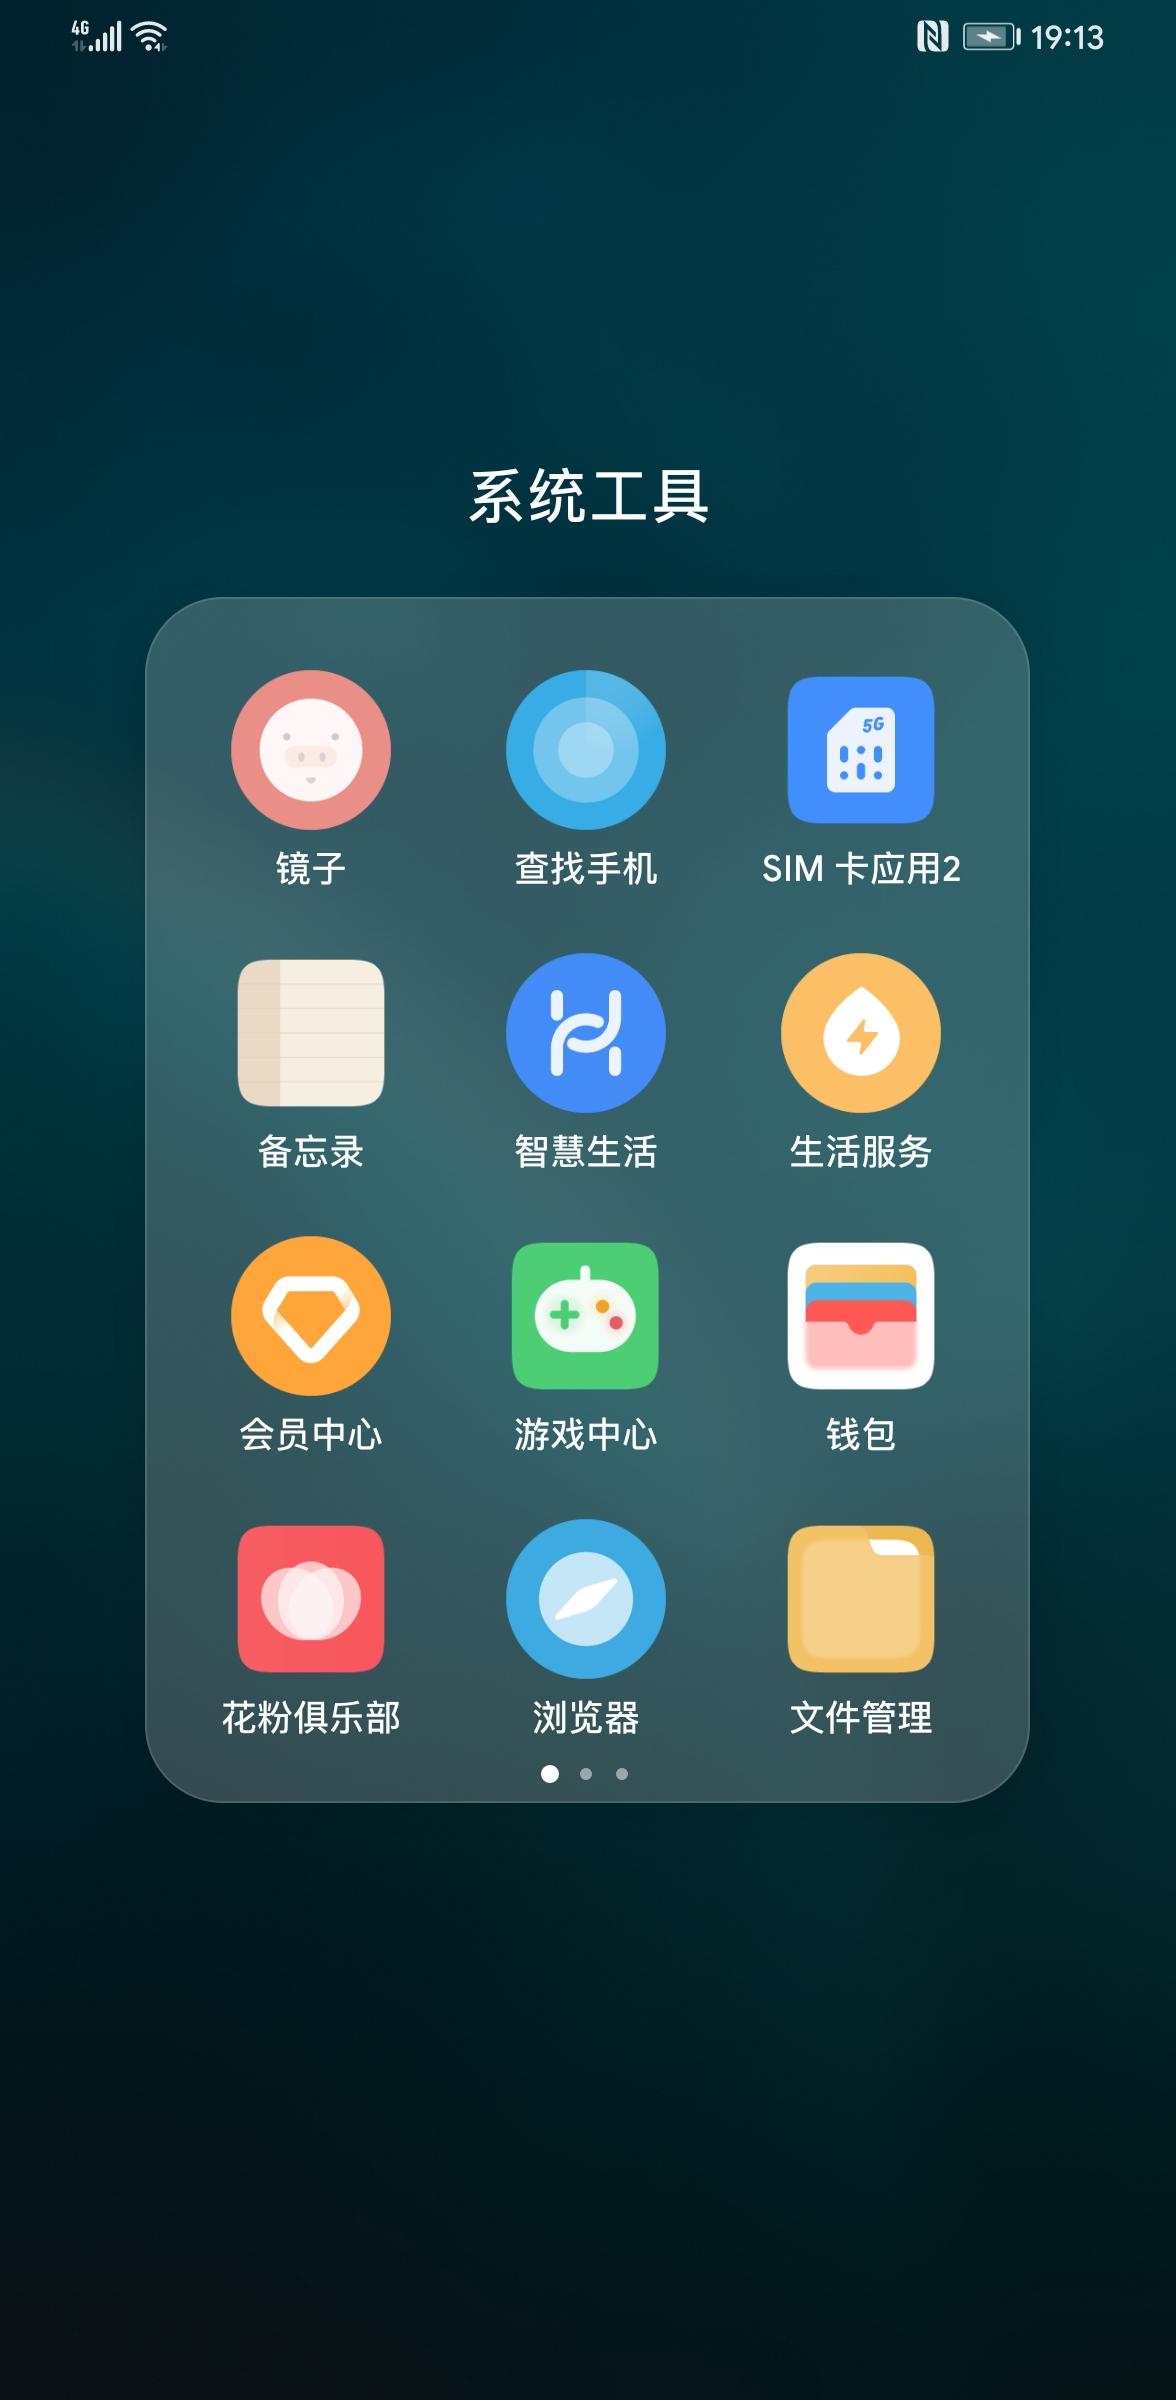 Screenshot_20191204_191302_com.huawei.android.launcher.jpg